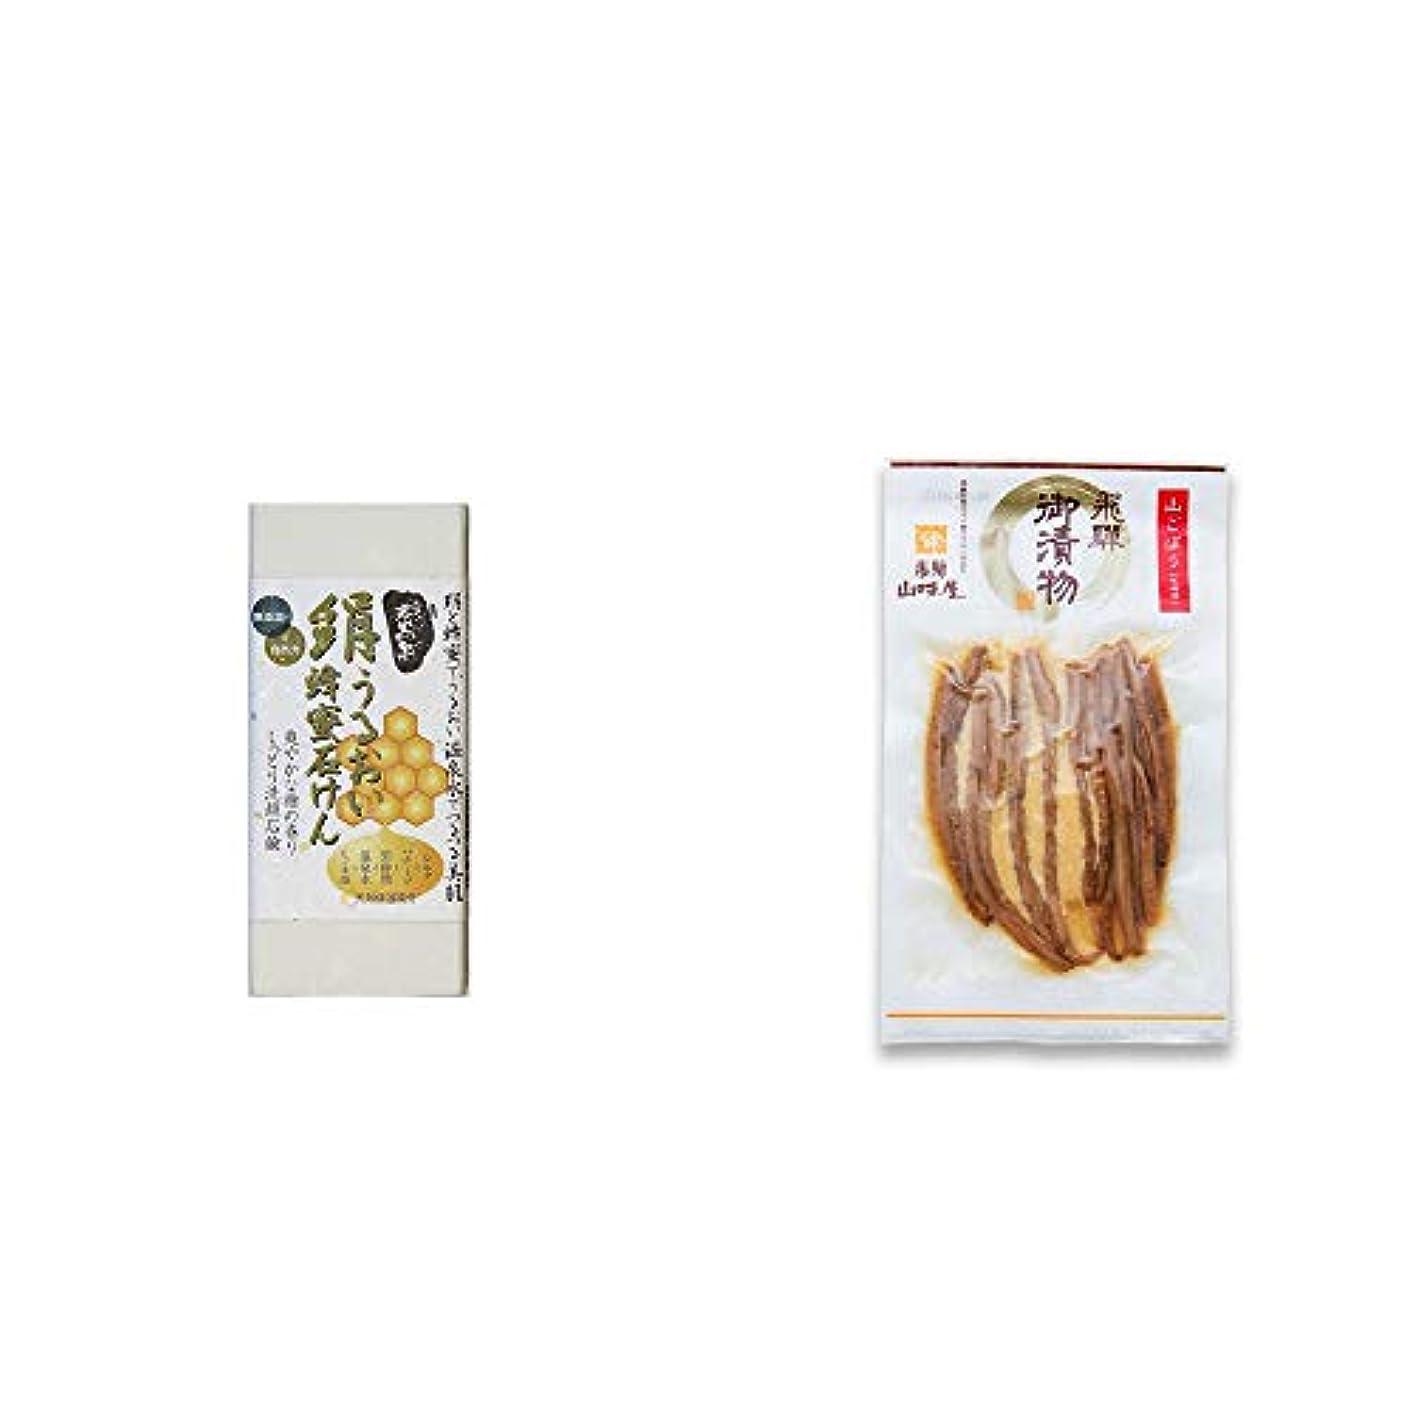 ナットアスレチック体細胞[2点セット] ひのき炭黒泉 絹うるおい蜂蜜石けん(75g×2)?飛騨山味屋 山ごぼう味噌漬(80g)